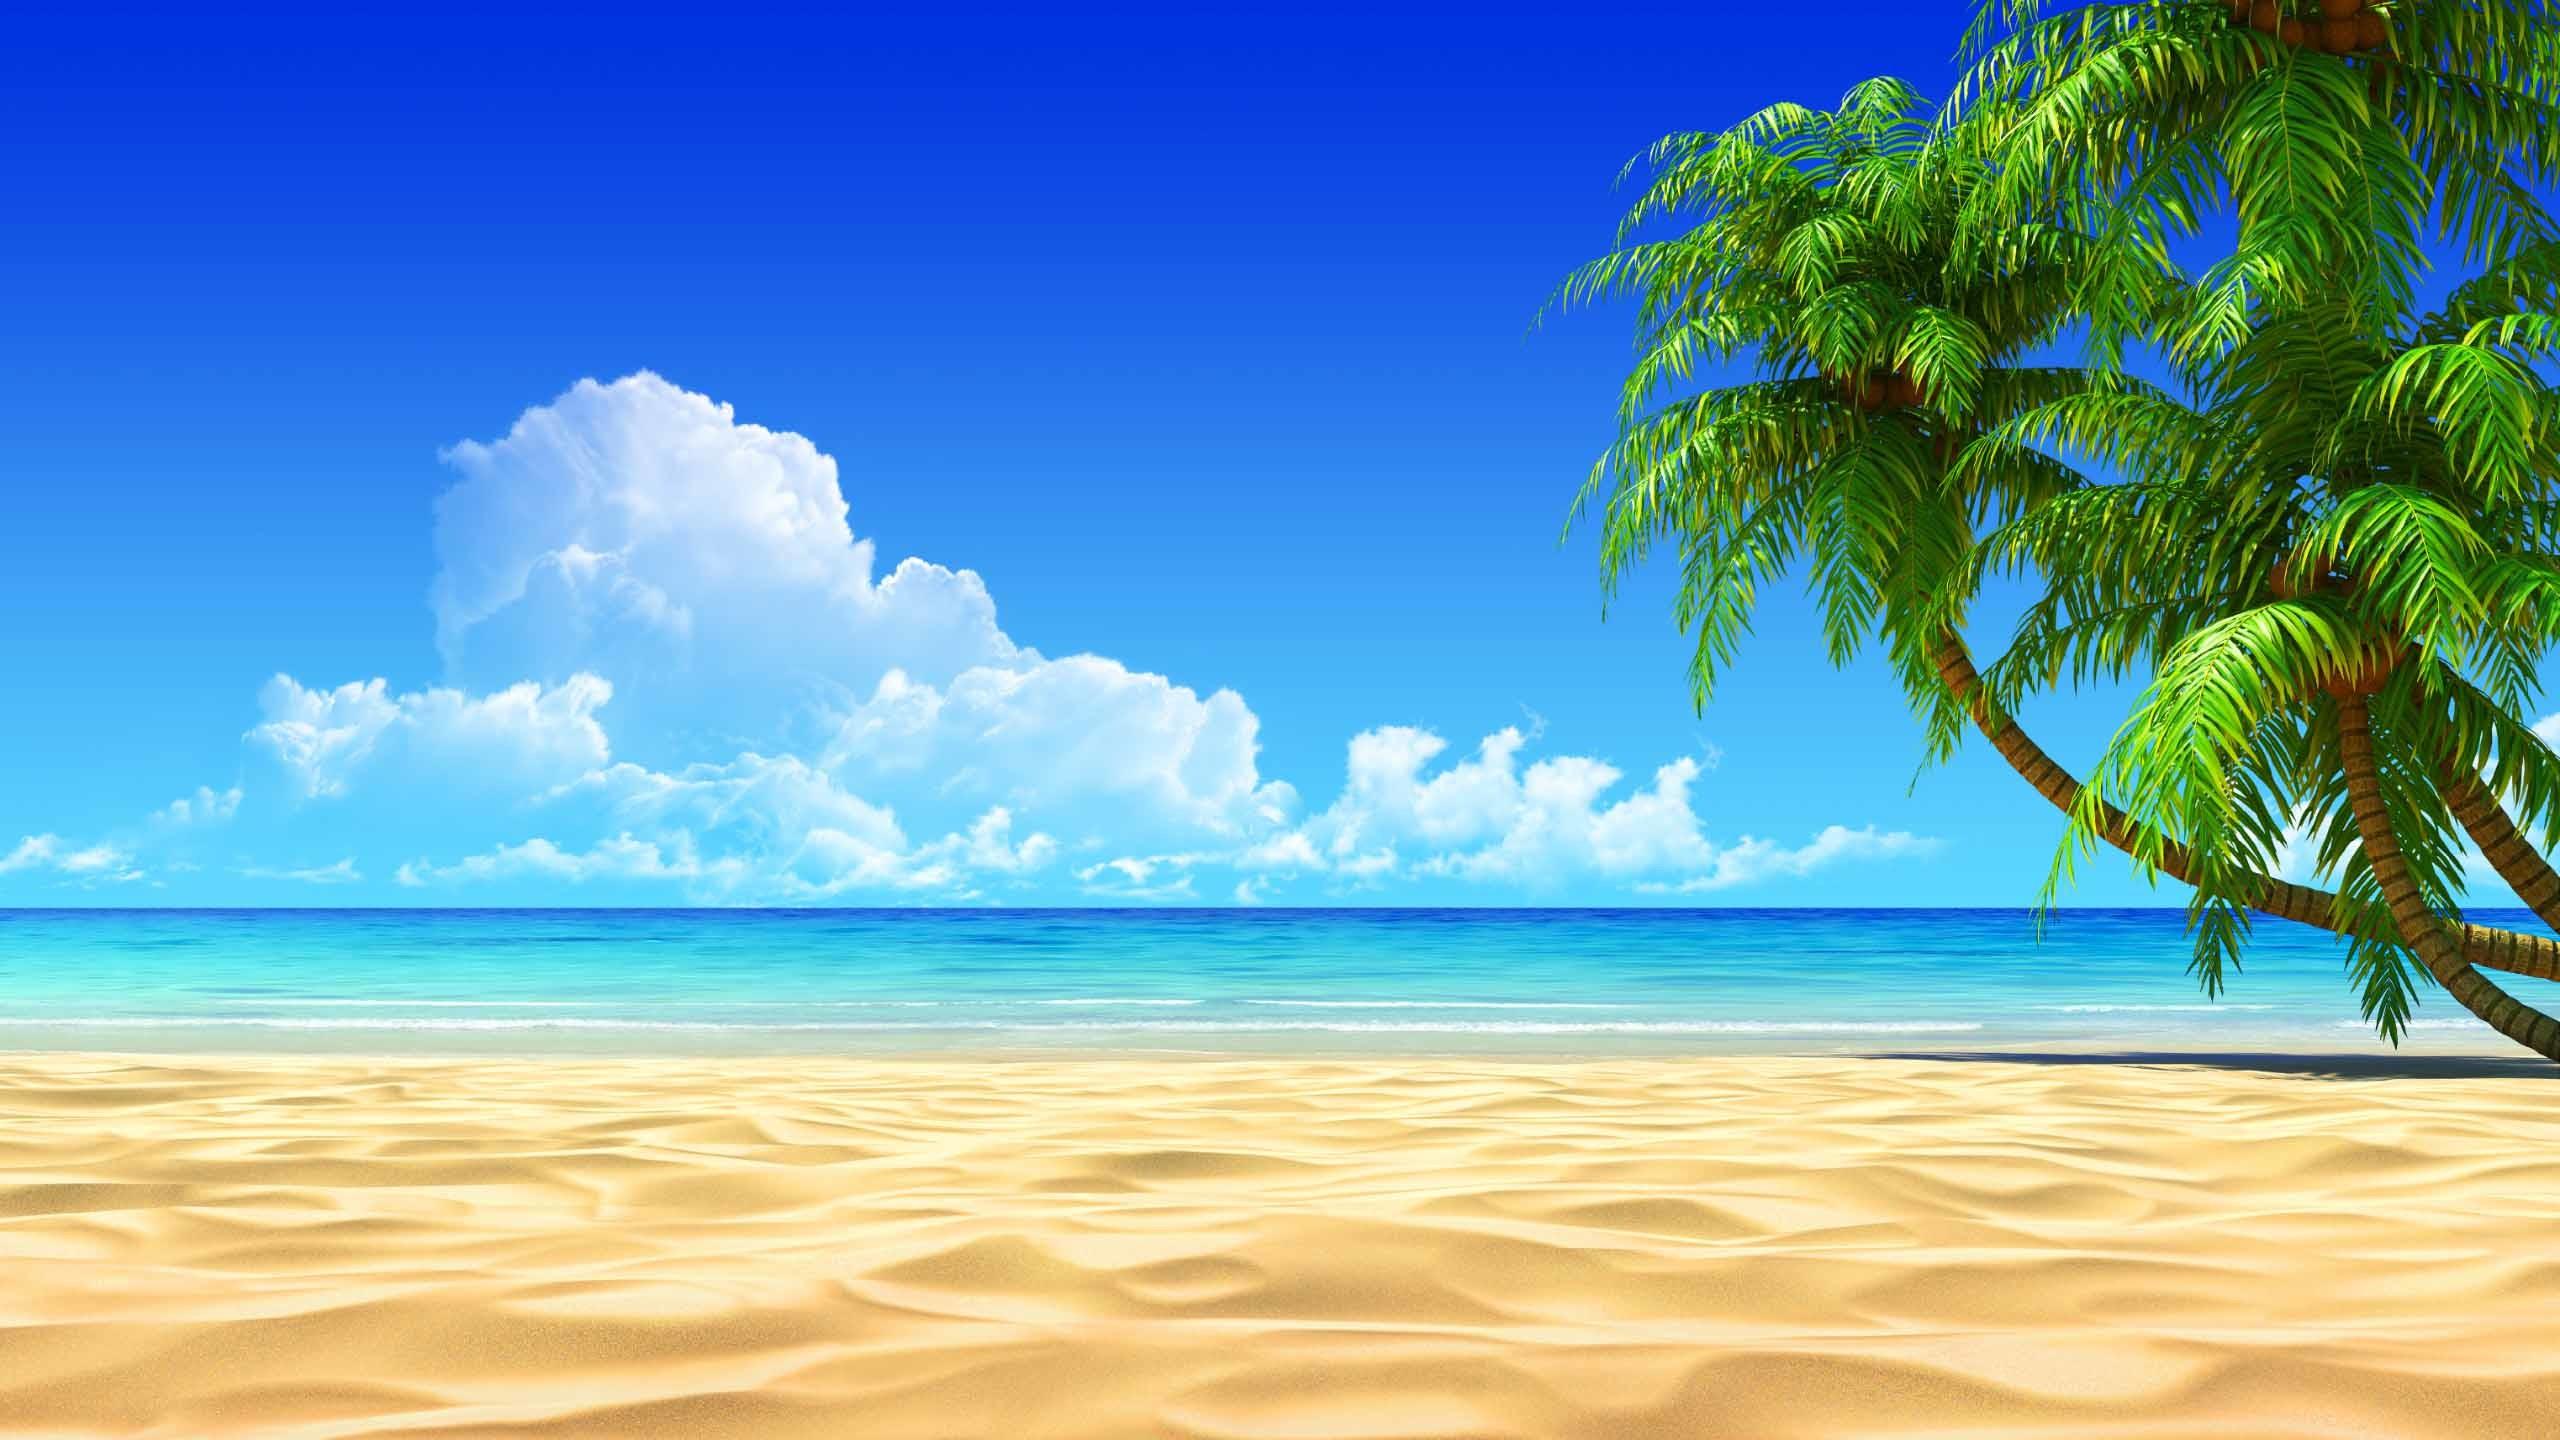 Beach Tropical Hd Wallpaper